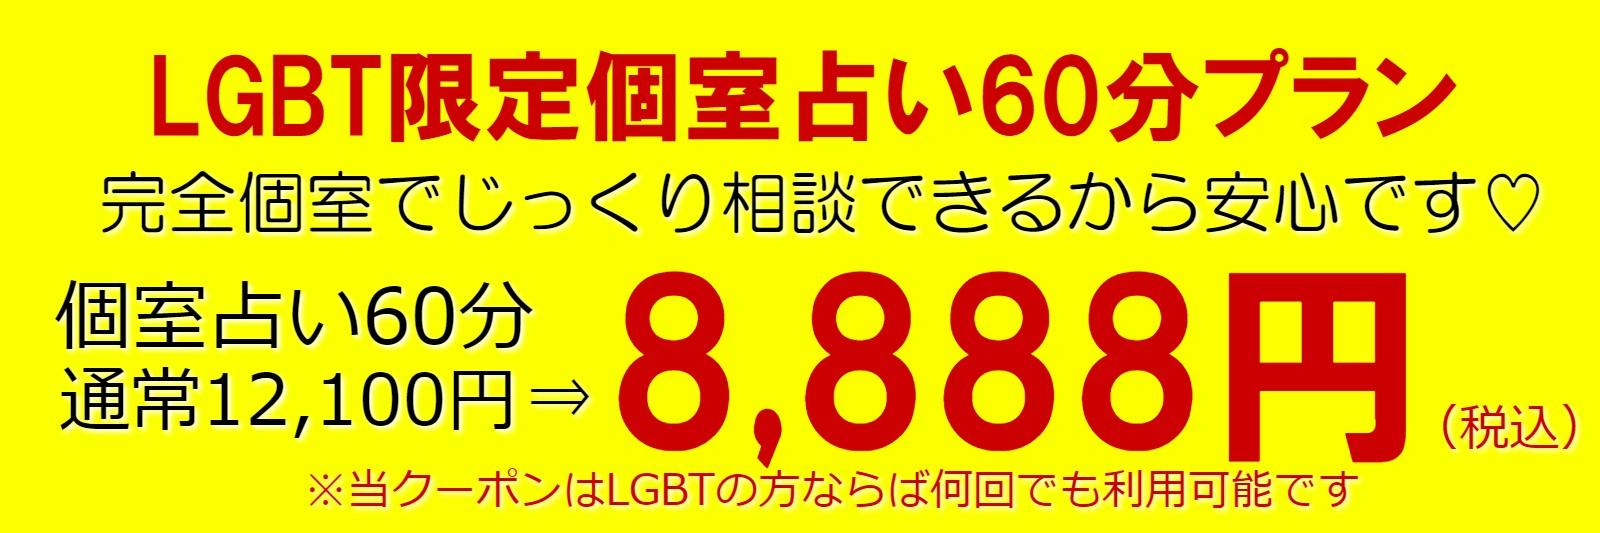 千葉県でLGBT(同性愛・性同一性障害・両性愛)の方の恋愛・結婚・仕事・人間関係などのご相談は完全個室完備で秘密厳守の占い館BCAFE(ビーカフェ)にお任せください